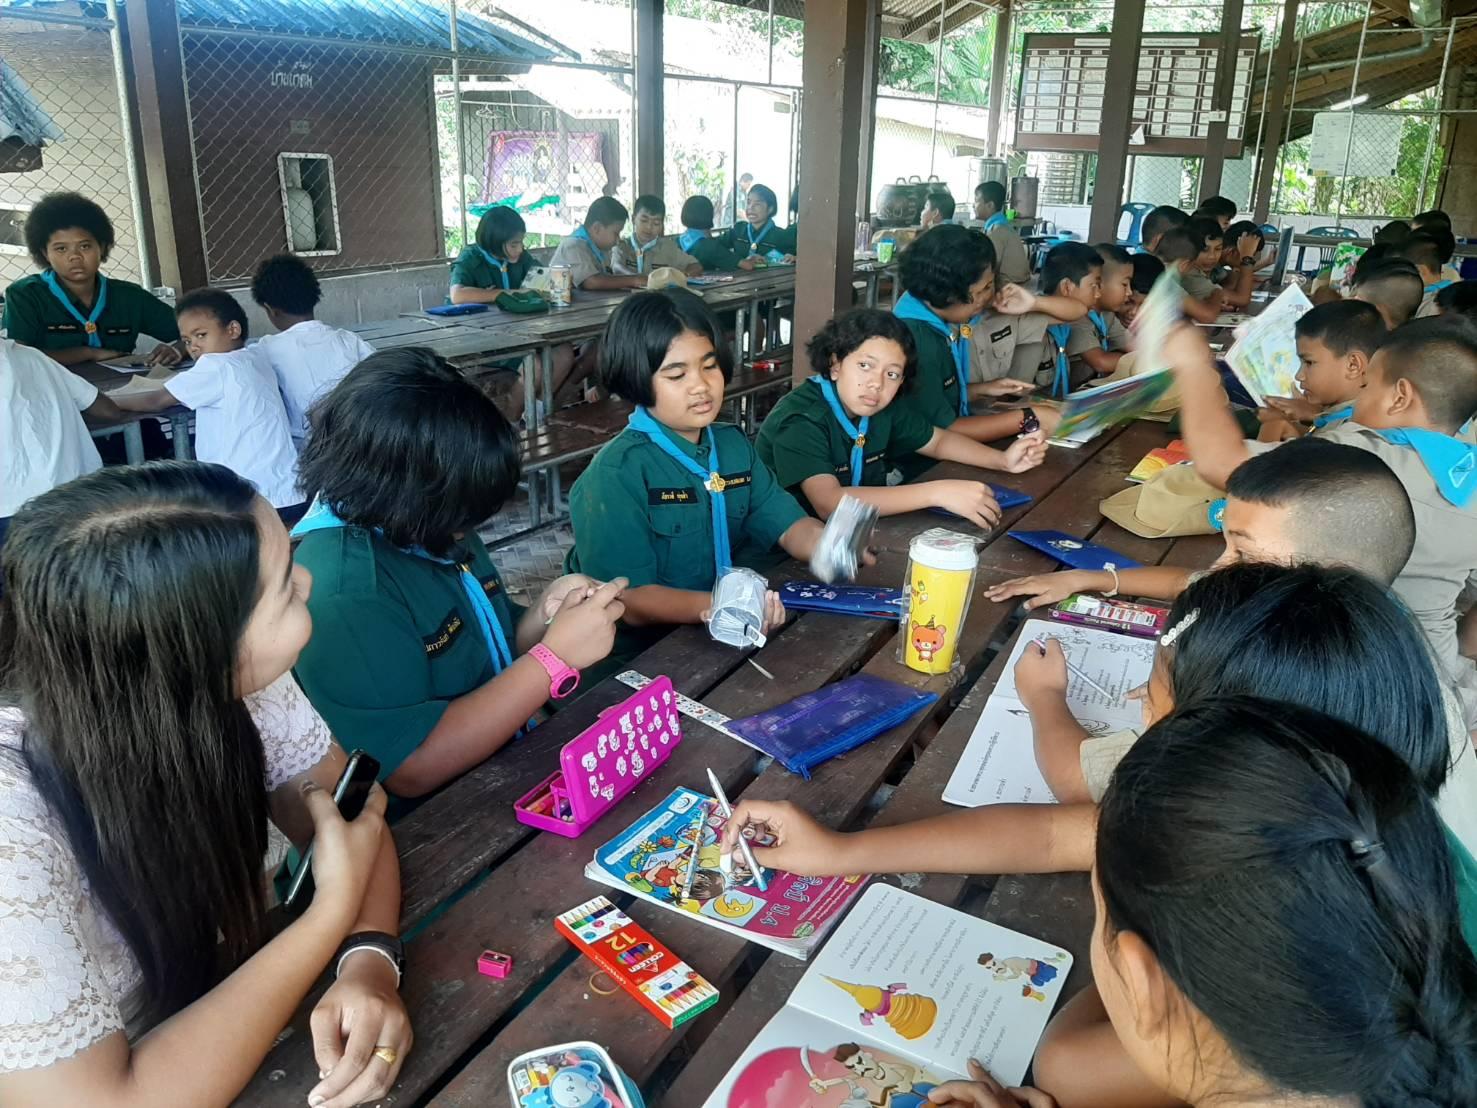 โครงการหอสมุดแห่งชาติสู่สถานศึกษาและชุมชน ประจำปี ๒๕๖๓ (ครั้งที่ ๑)